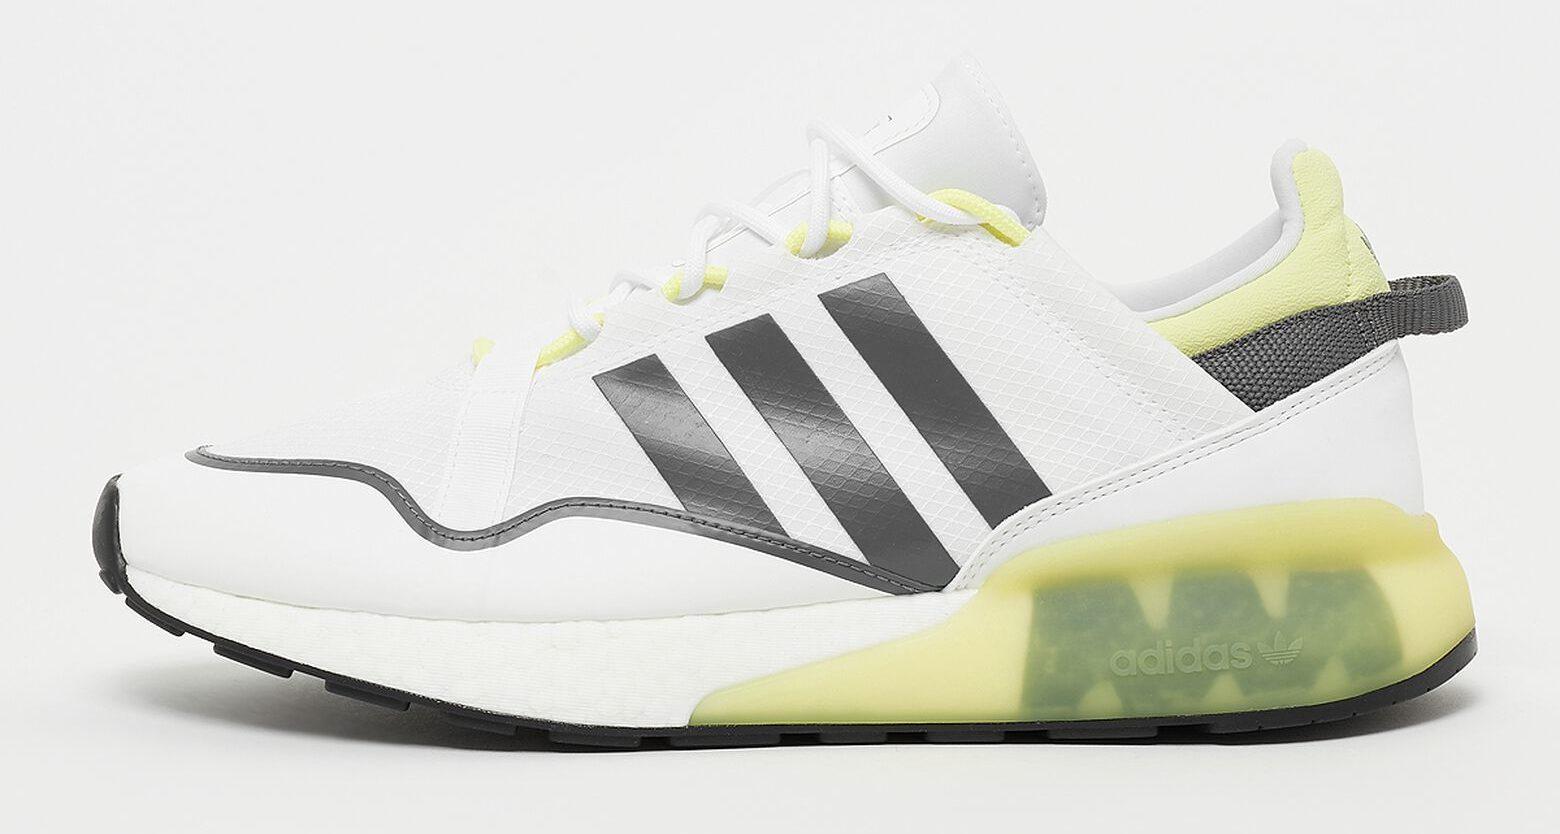 ADIDAS ORIGINALS ZX 2K BOOST PURE Sneaker ftw weiss gruen e1630146202370